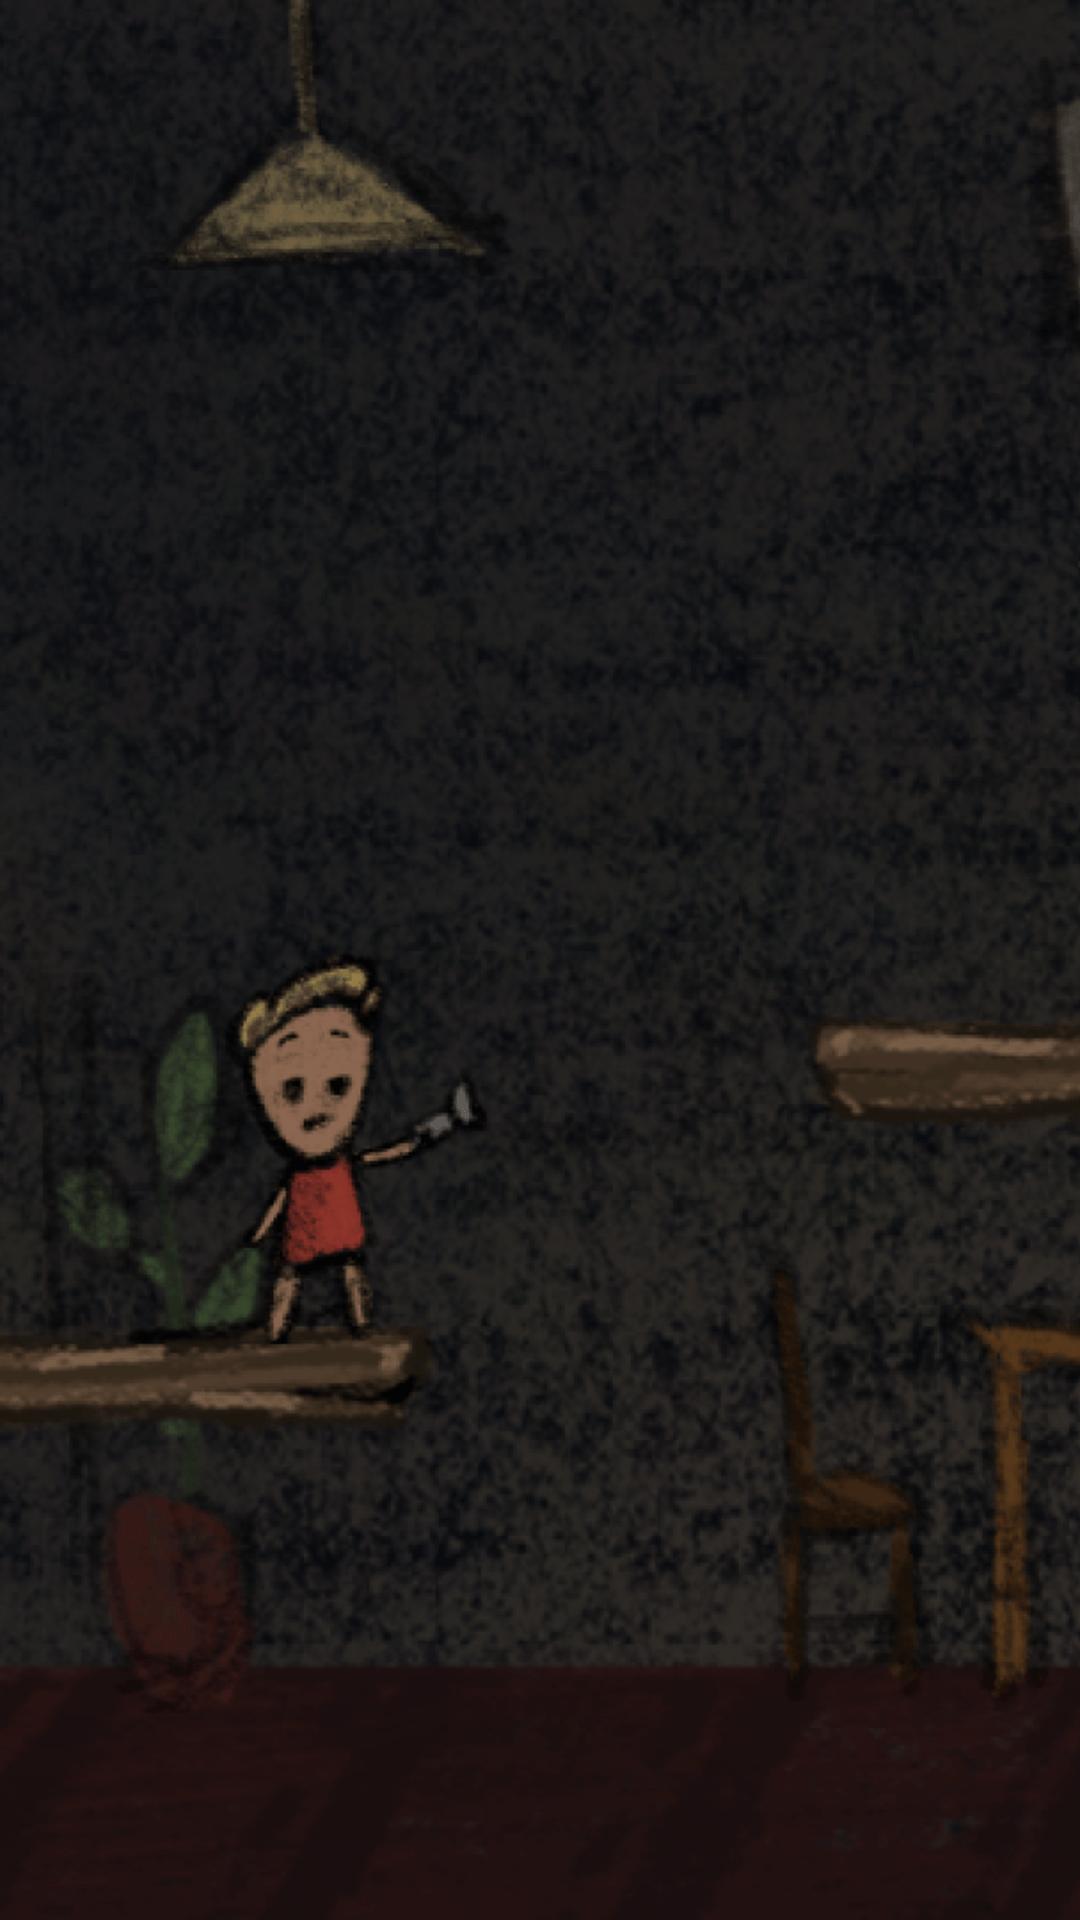 秘密之家游戏